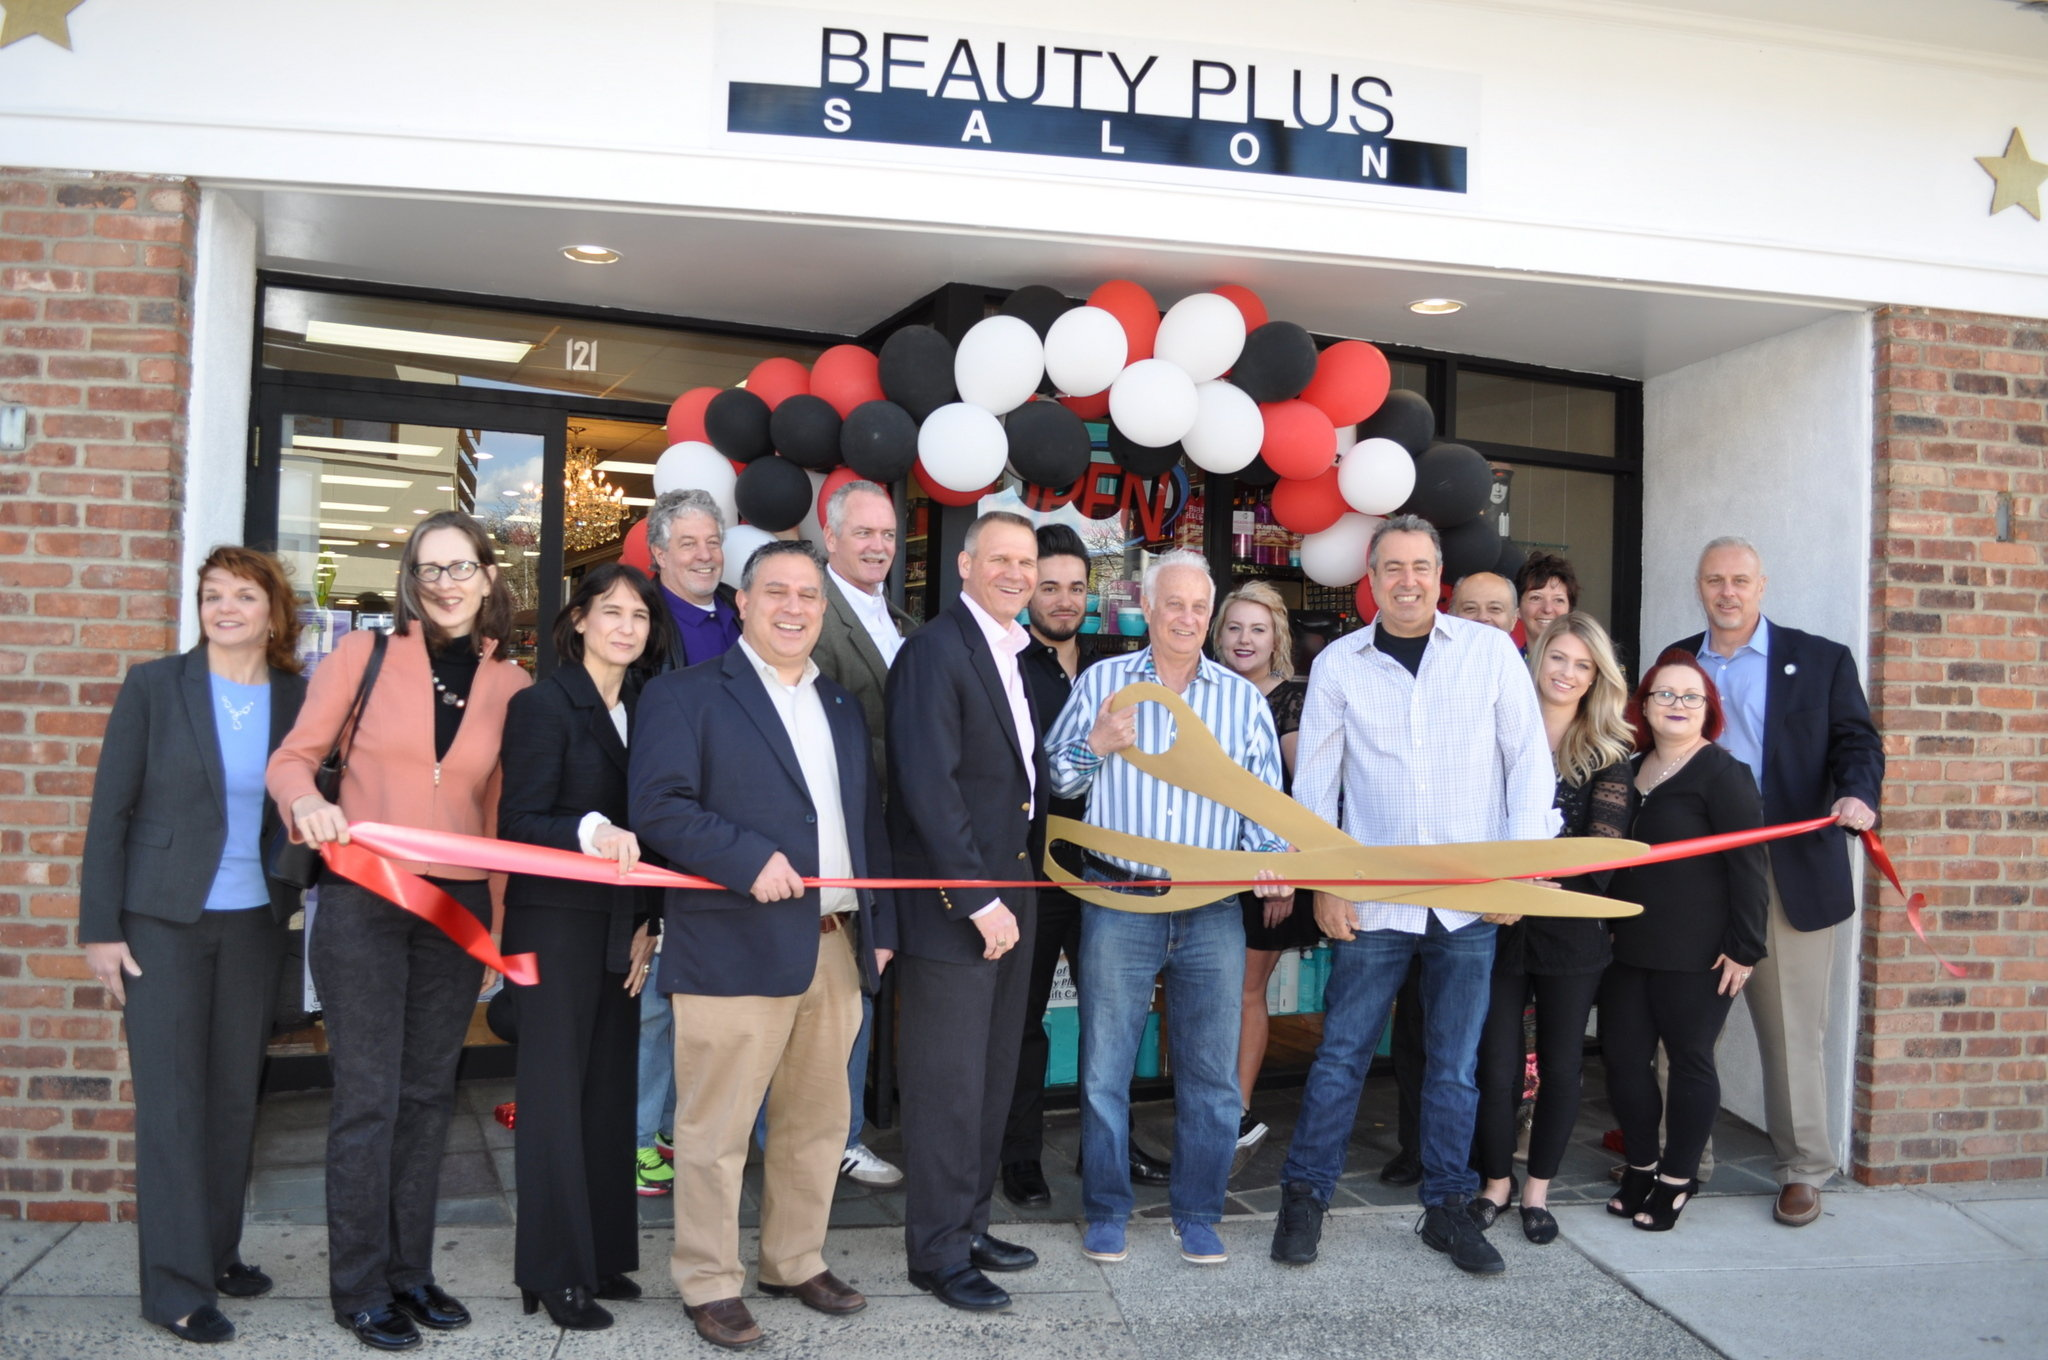 Beauty Plus Salon Coupons